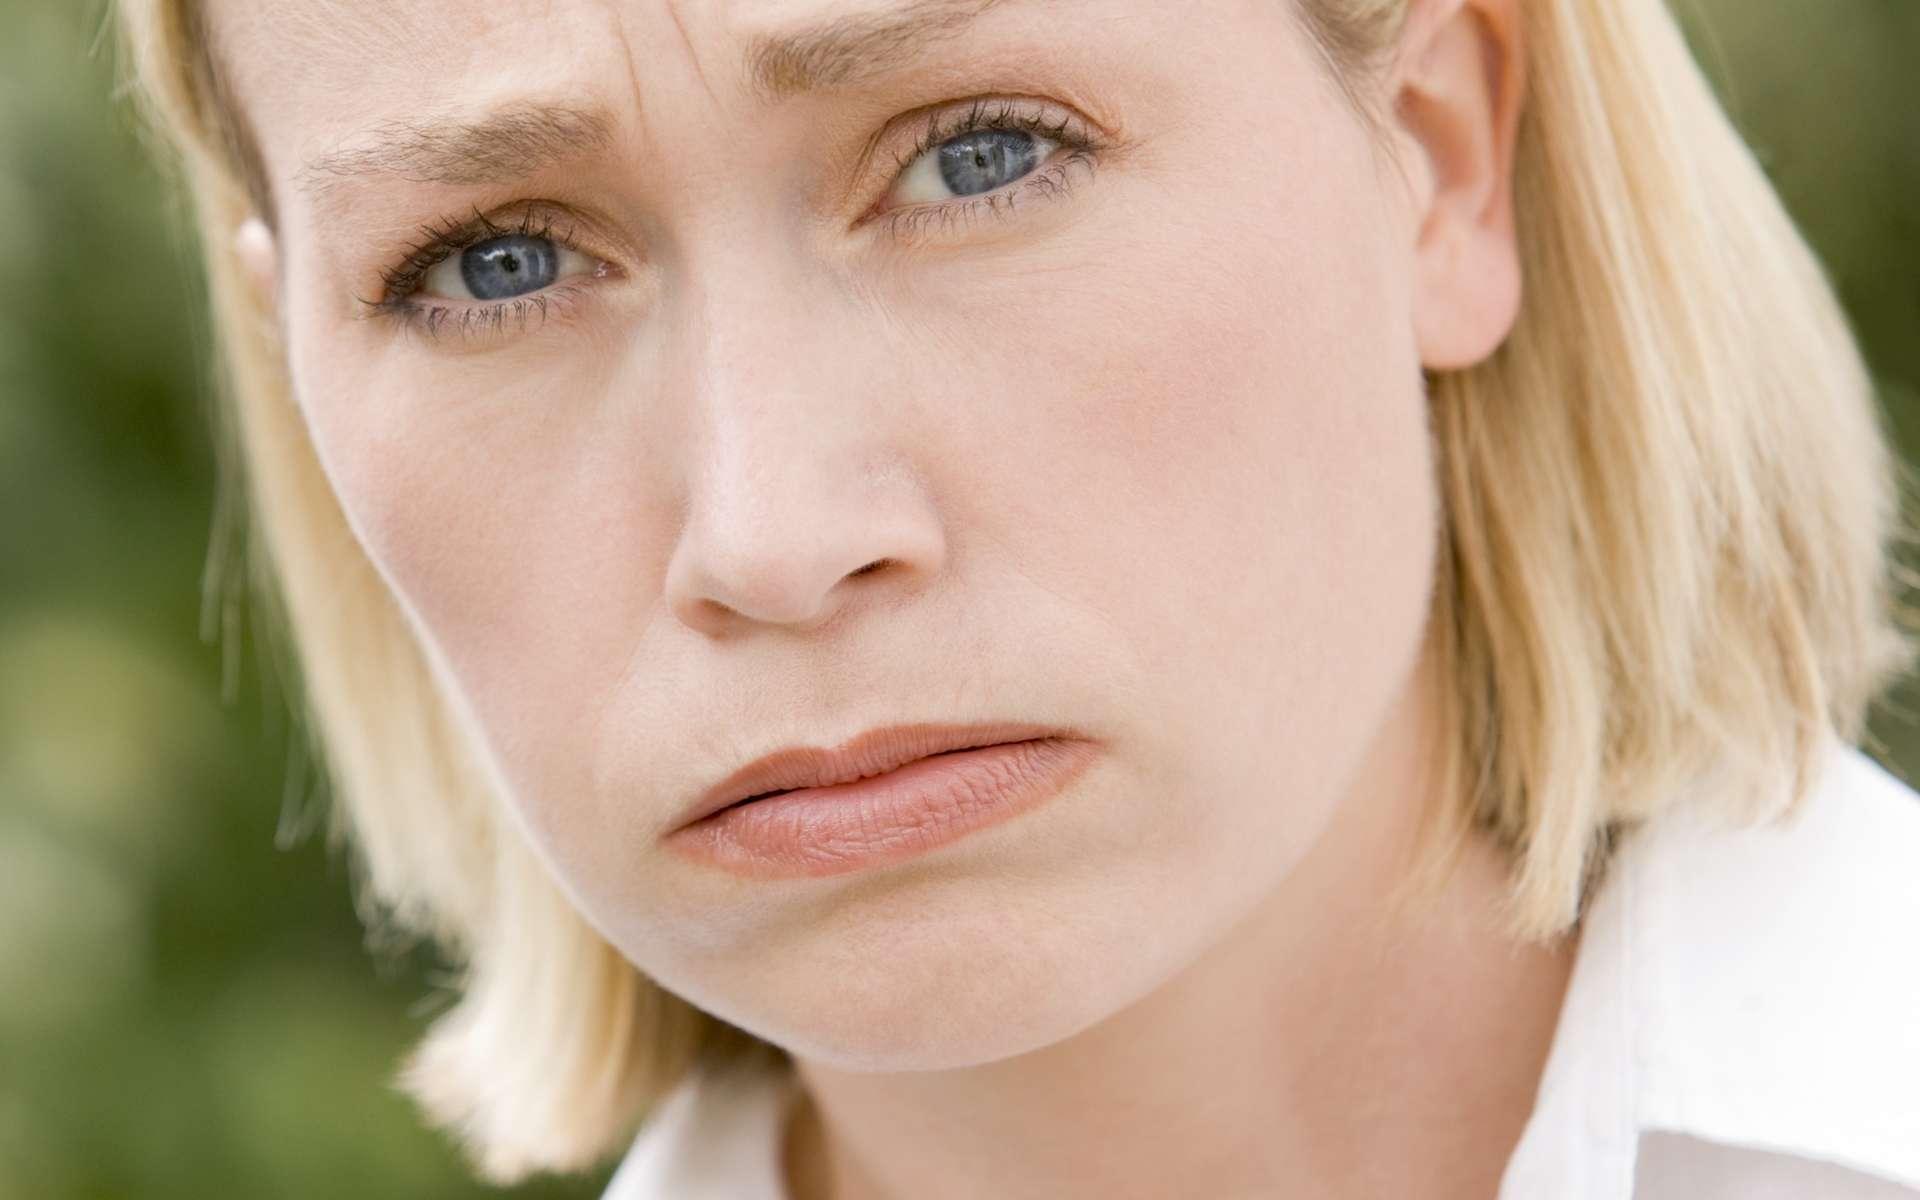 Une ménopause est qualifiée de précoce lorsqu'elle survient avant l'âge de 45 ans. Elle peut venir du tabagisme par exemple. © Phovoir